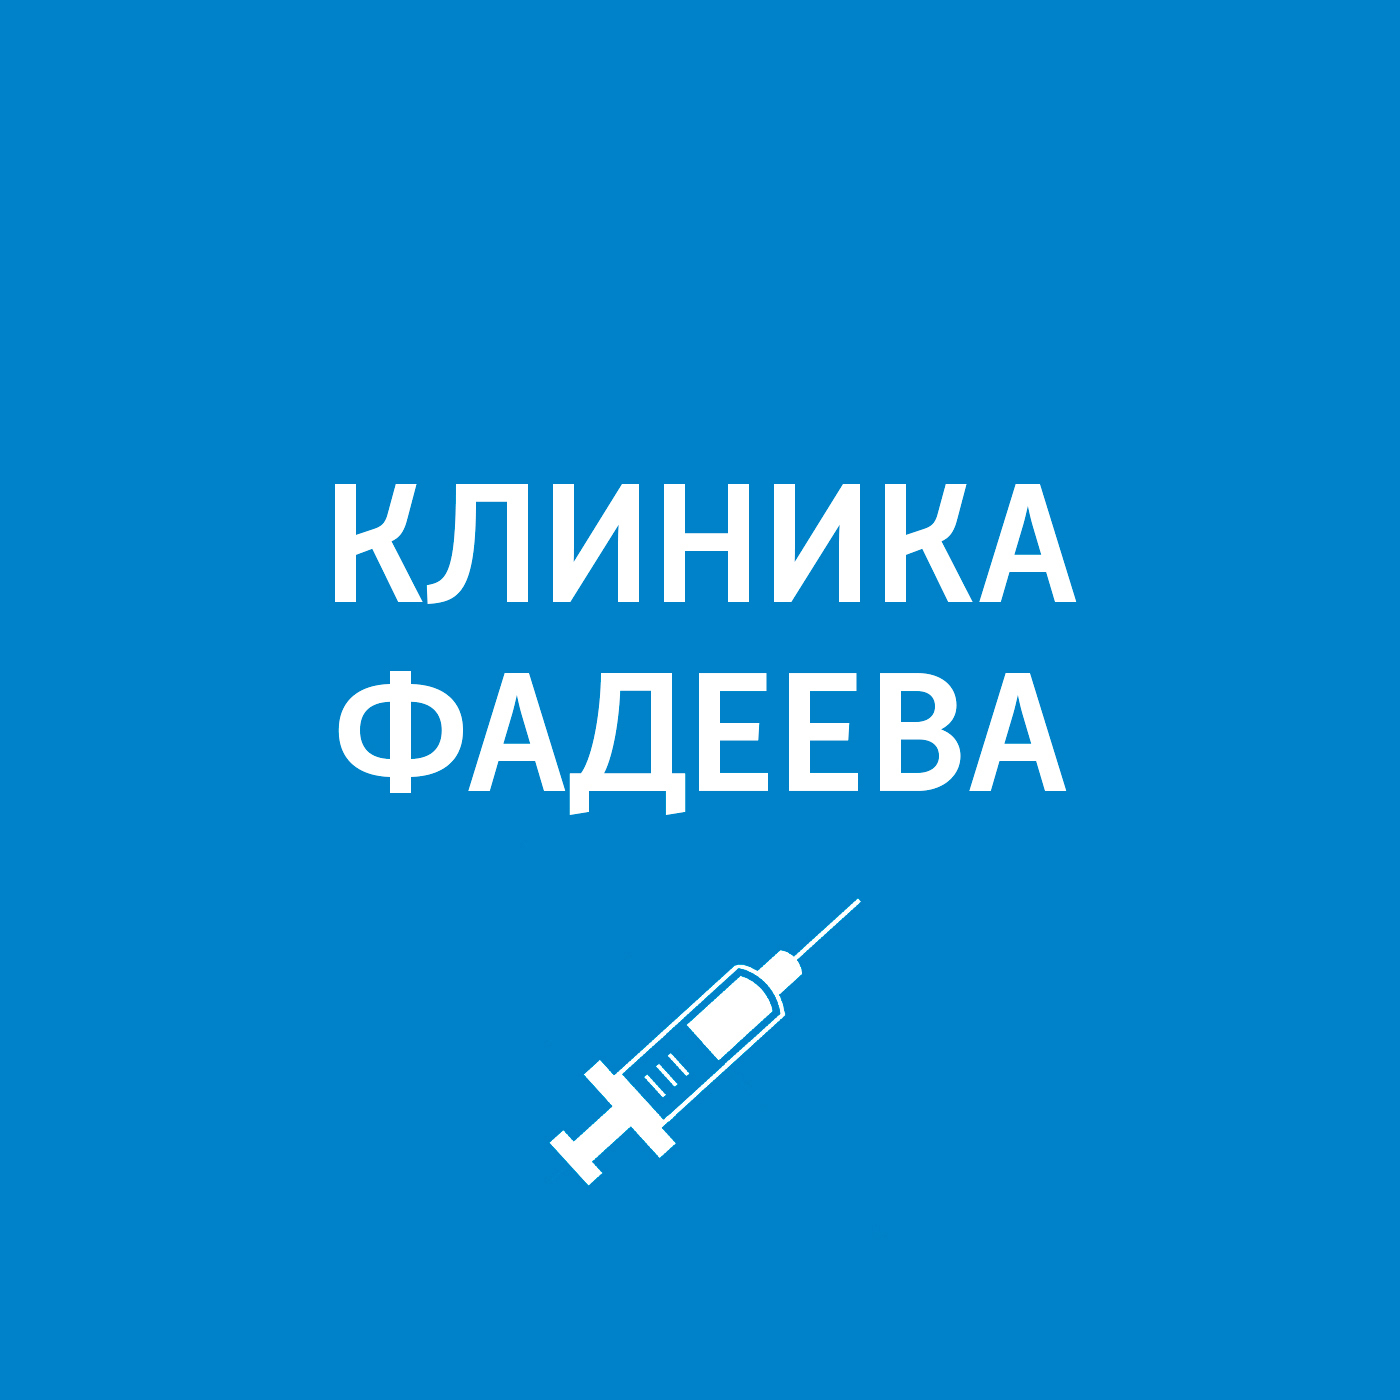 Пётр Фадеев Кинезиолог-остеопат пётр фадеев кинезиолог остеопат